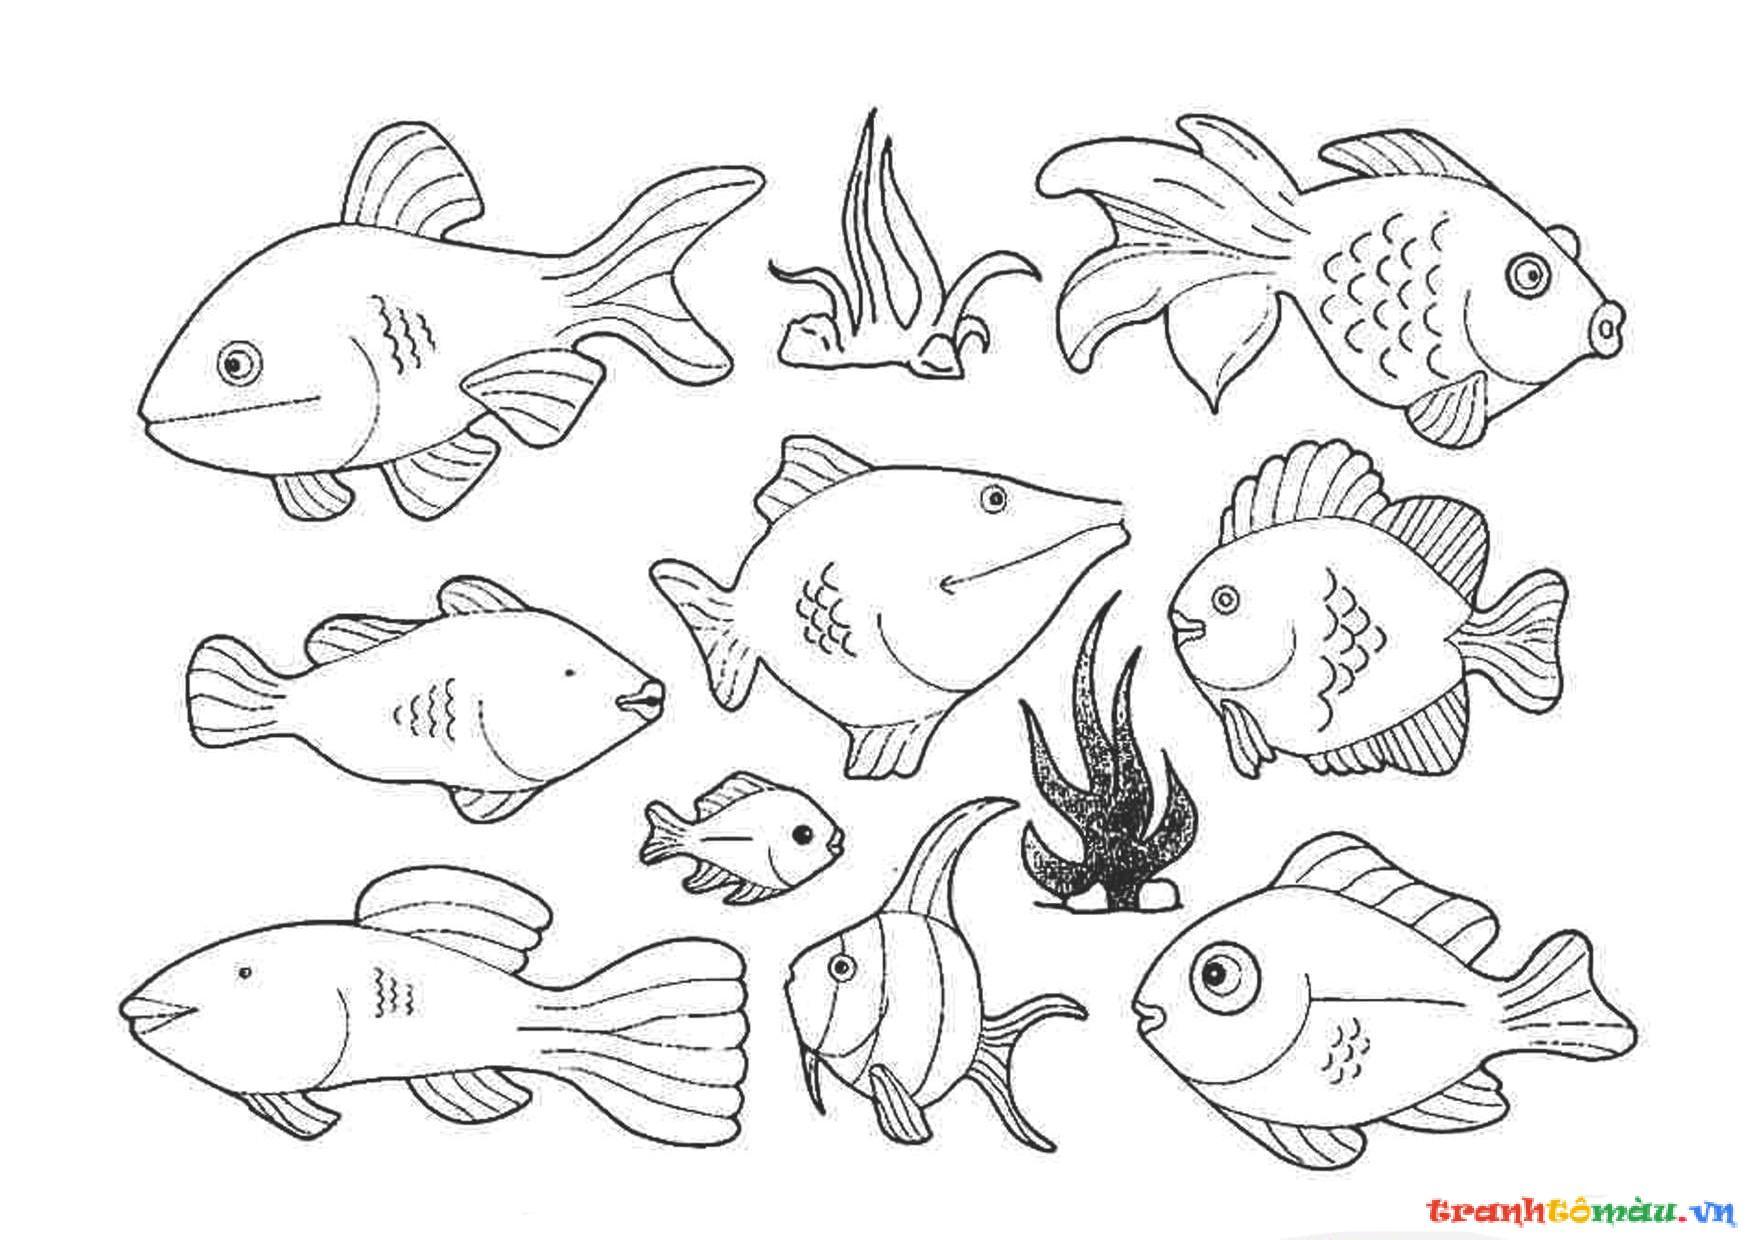 Tổng Hợp Những Bức Tranh Tô Màu Con Cá Siêu đẹp Cho Bé Phú